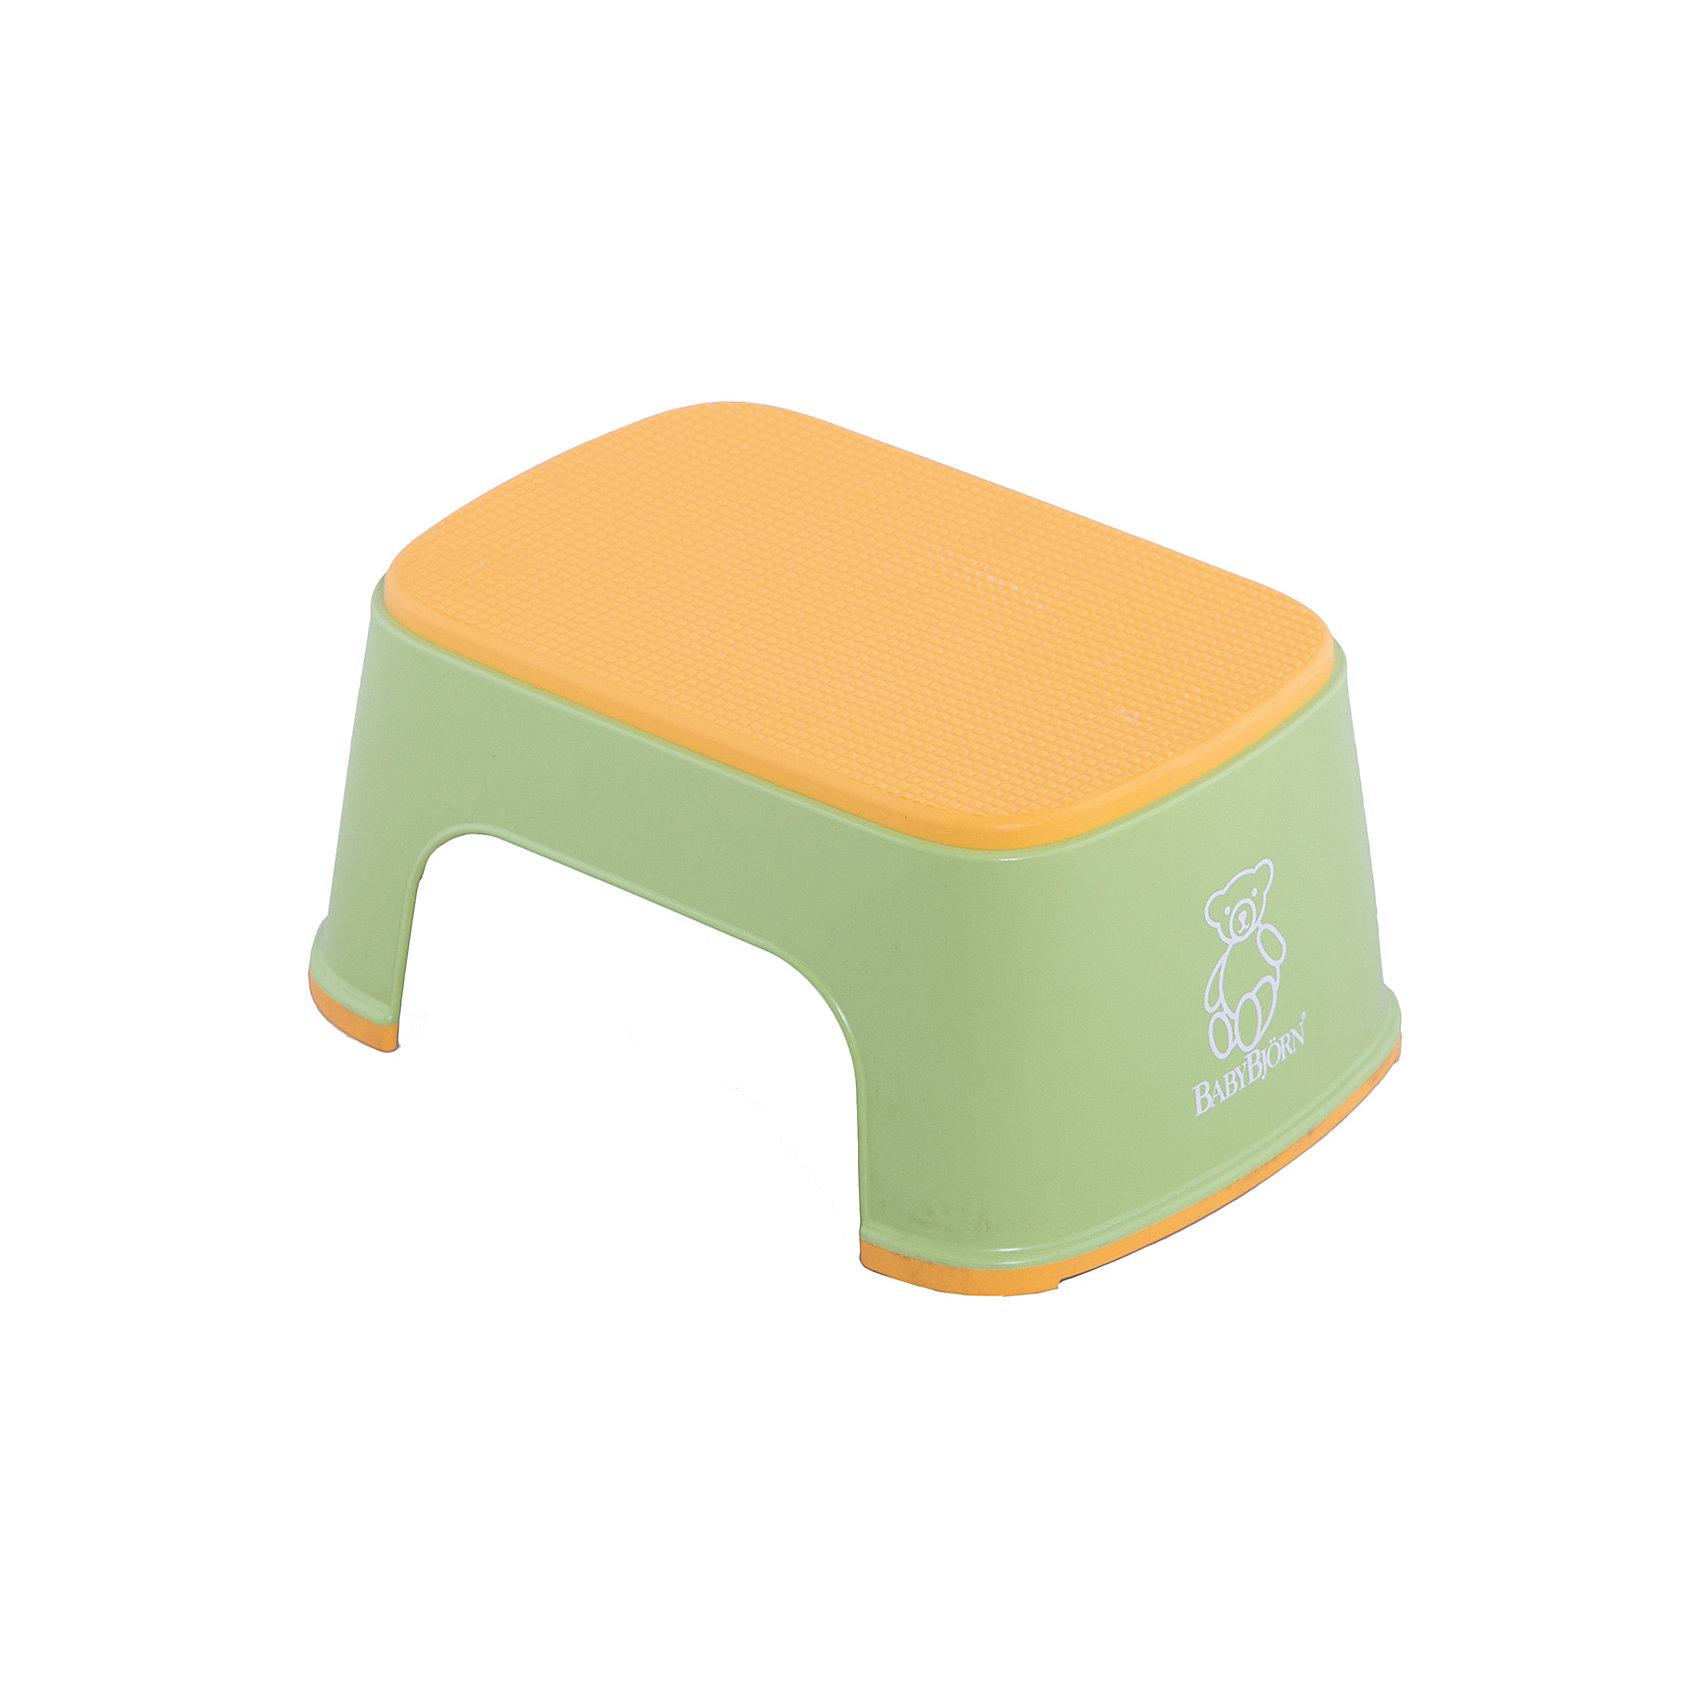 Стульчик-подставка BabyBjorn, зеленыйГоршки, сиденья для унитаза, стульчики-подставки<br>Стульчик-подставка BabyBjorn (БэйбиБьёрн) - безопасный шаг наверх! <br><br>Со стульчиком-подставкой Ваш ребенок легко и спокойно  может почистить зубы или вымыть руки, не обращаясь к Вам за помощью. Резиновая поверхность стульчика-подставки создана для того, чтобы ребенок не поскользнулся, даже если его ножки мокрые. Надежная резиновая прокладка на основании предотвращает скольжение  подставки. <br><br>Стульчик легко содержать в чистоте - просто ополосните его под краном. <br><br>Широкая цветовая гамма дает возможность выбрать максимально подходящий для вашей ванной комнаты цвет.<br><br>Проверено немецкой службой технического контроля T?V. <br><br>Размер: 35 х 24 х 16 см.<br>Максимальный вес для BABYBJ?RN Стульчика–подставки не установлен. Изделие предназначено для детей. BABYBJ?RN Стульчик–подставка достаточно прочен, чтобы выдержать взрослого, но он  однозначно рассчитан на детей.<br><br>Стульчик-подставку BabyBjorn зеленого цвета можно купить в нашем интернет-магазине.<br><br>Ширина мм: 315<br>Глубина мм: 155<br>Высота мм: 240<br>Вес г: 550<br>Возраст от месяцев: 18<br>Возраст до месяцев: 36<br>Пол: Унисекс<br>Возраст: Детский<br>SKU: 2157598